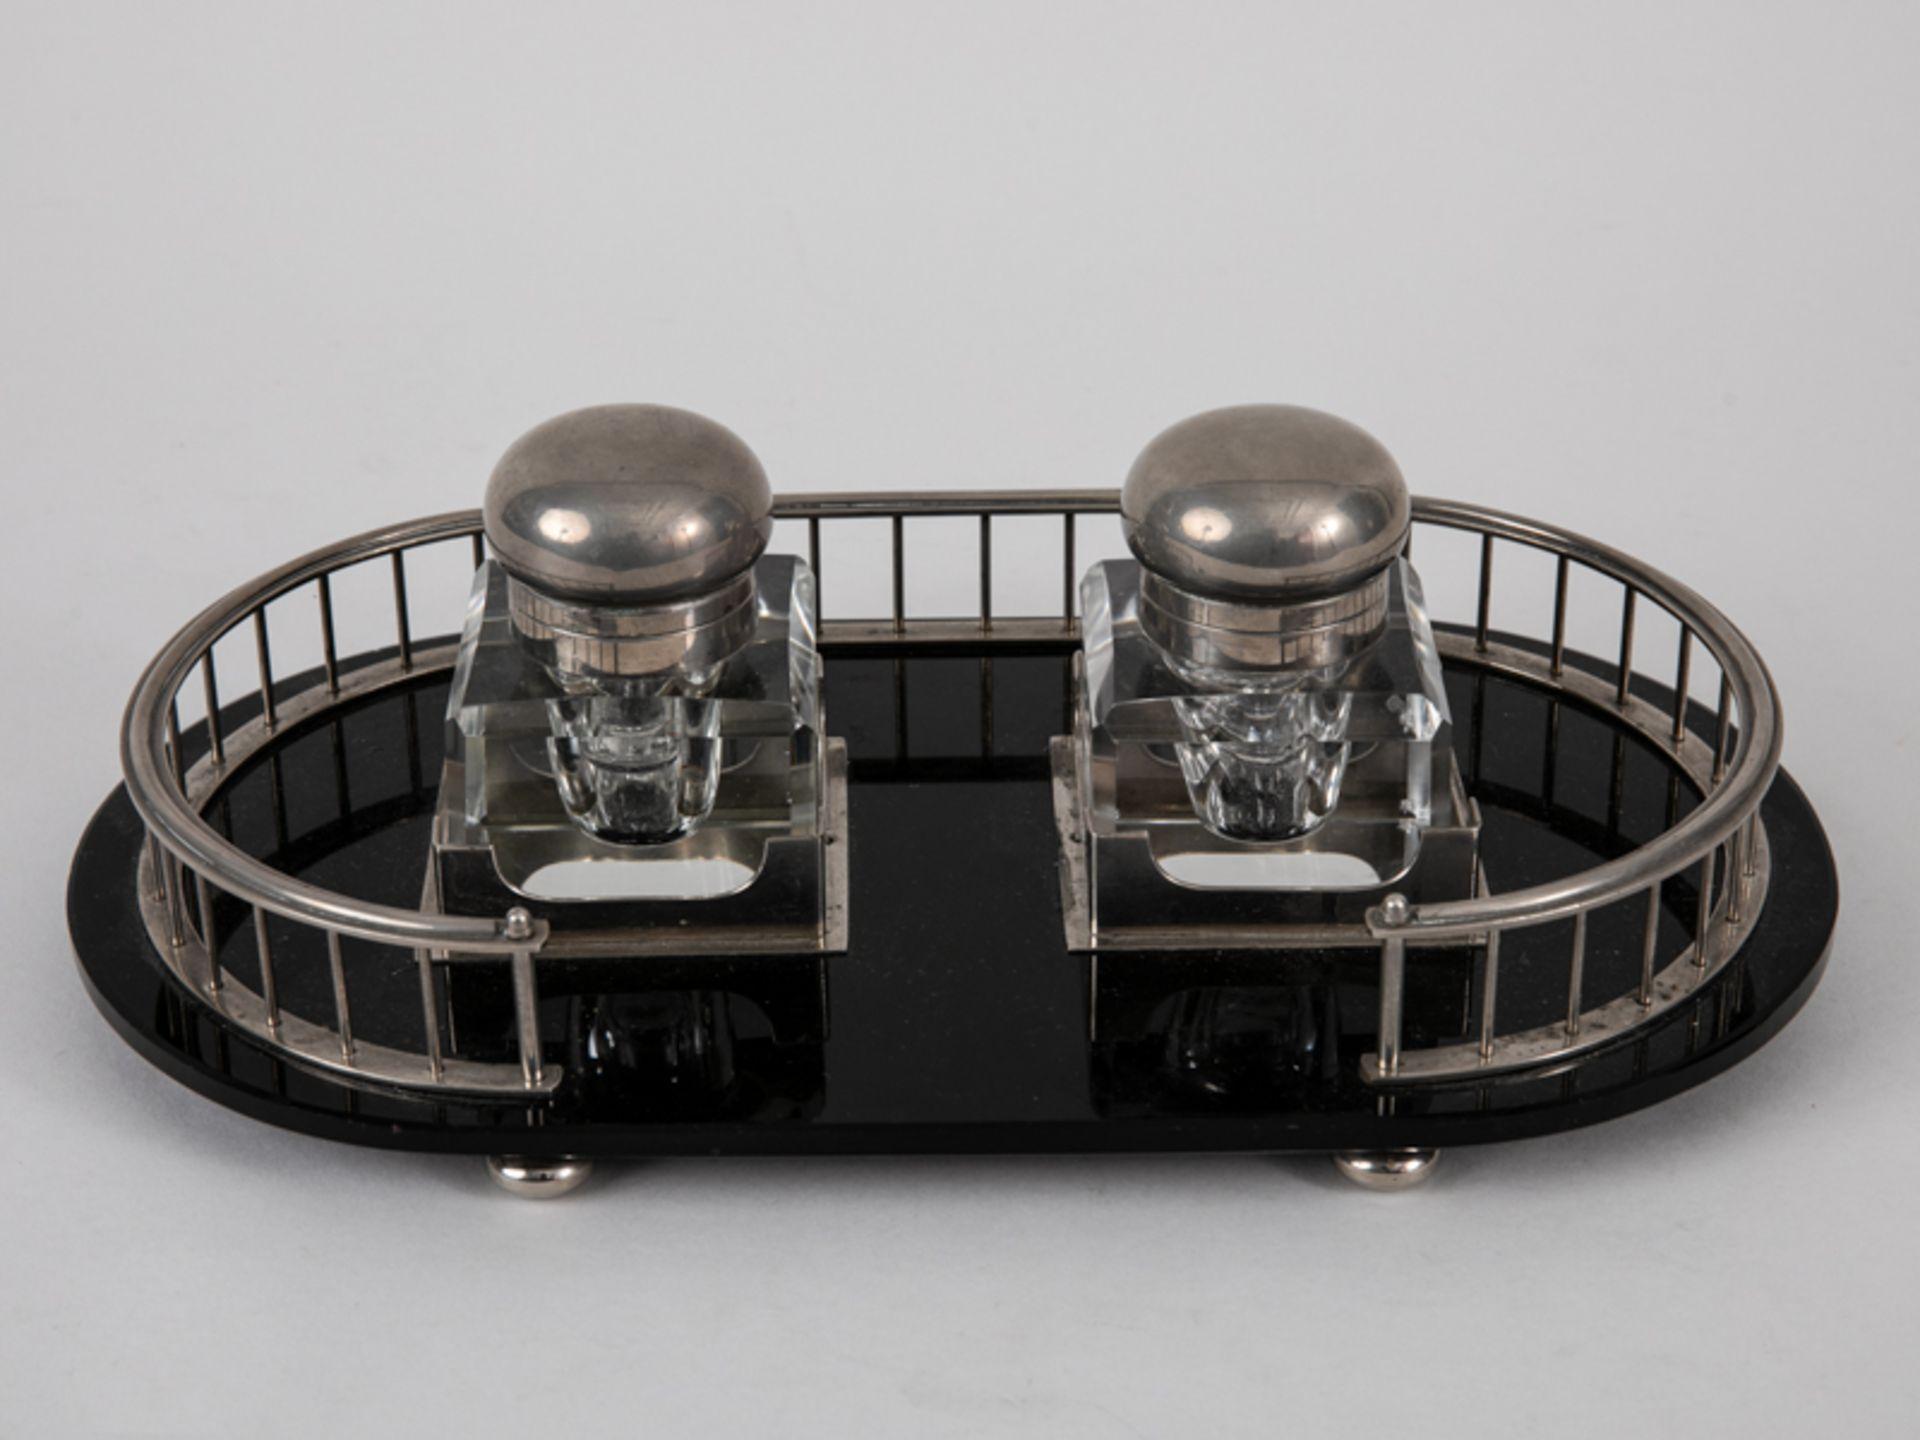 Art-Déco-Schreibtischgarnitur mit 2 Tintenfässern, Anf. 20. Jh. Glas und Nickel; 3-teilig, be